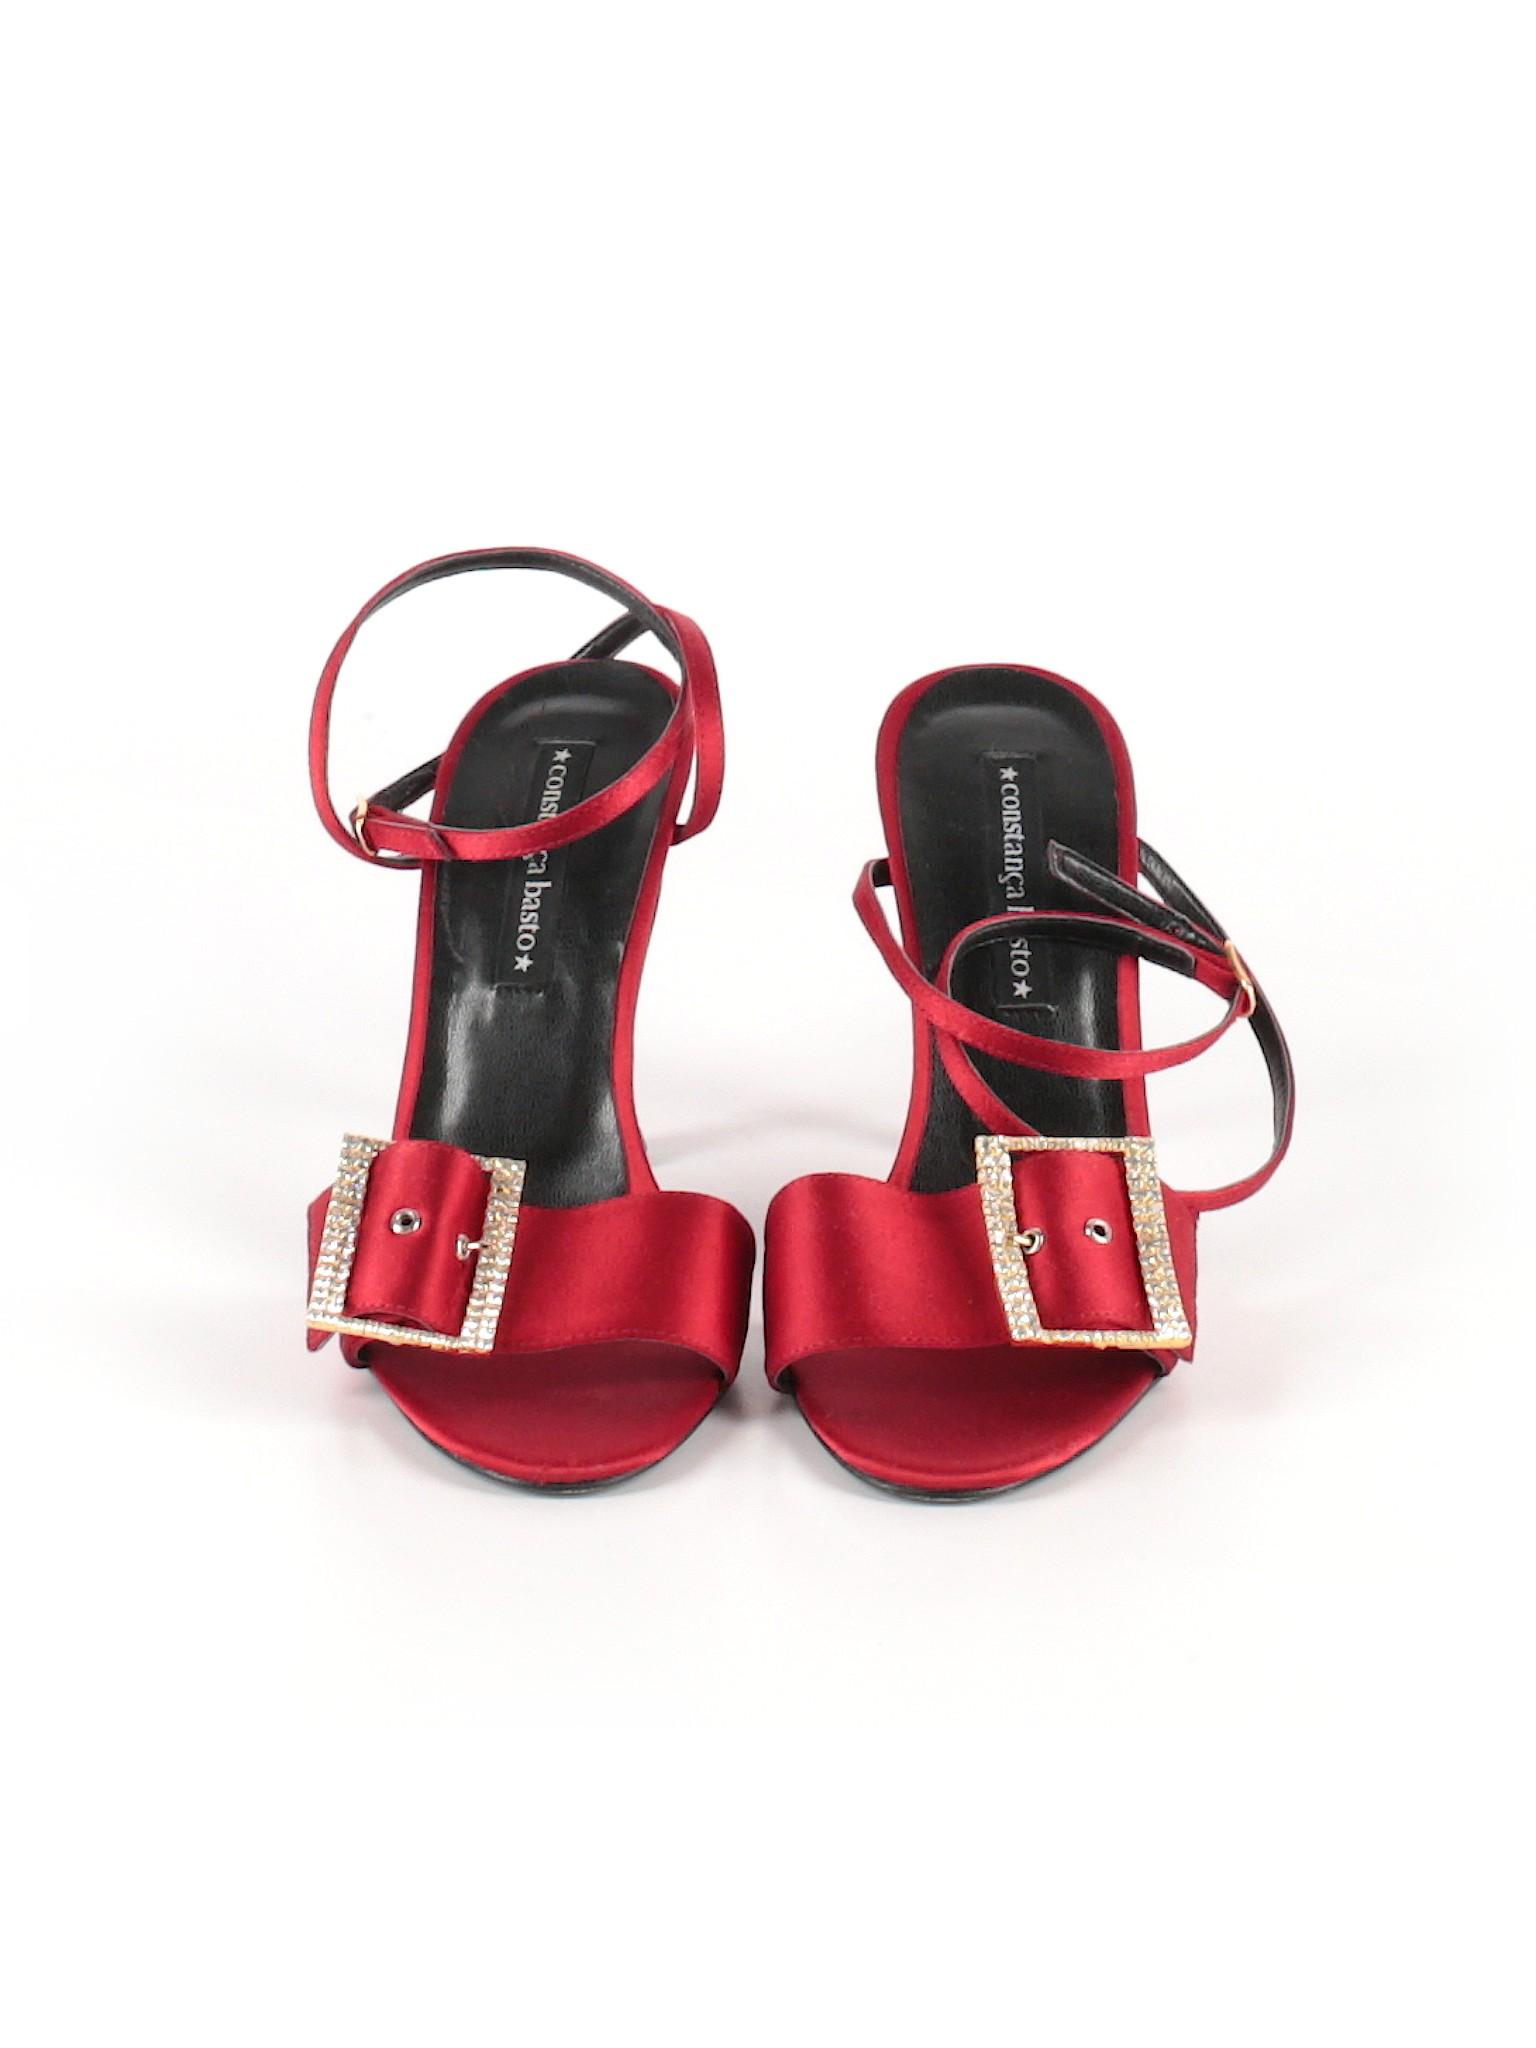 Boutique Basto Constanca Boutique Heels promotion promotion q6UqB